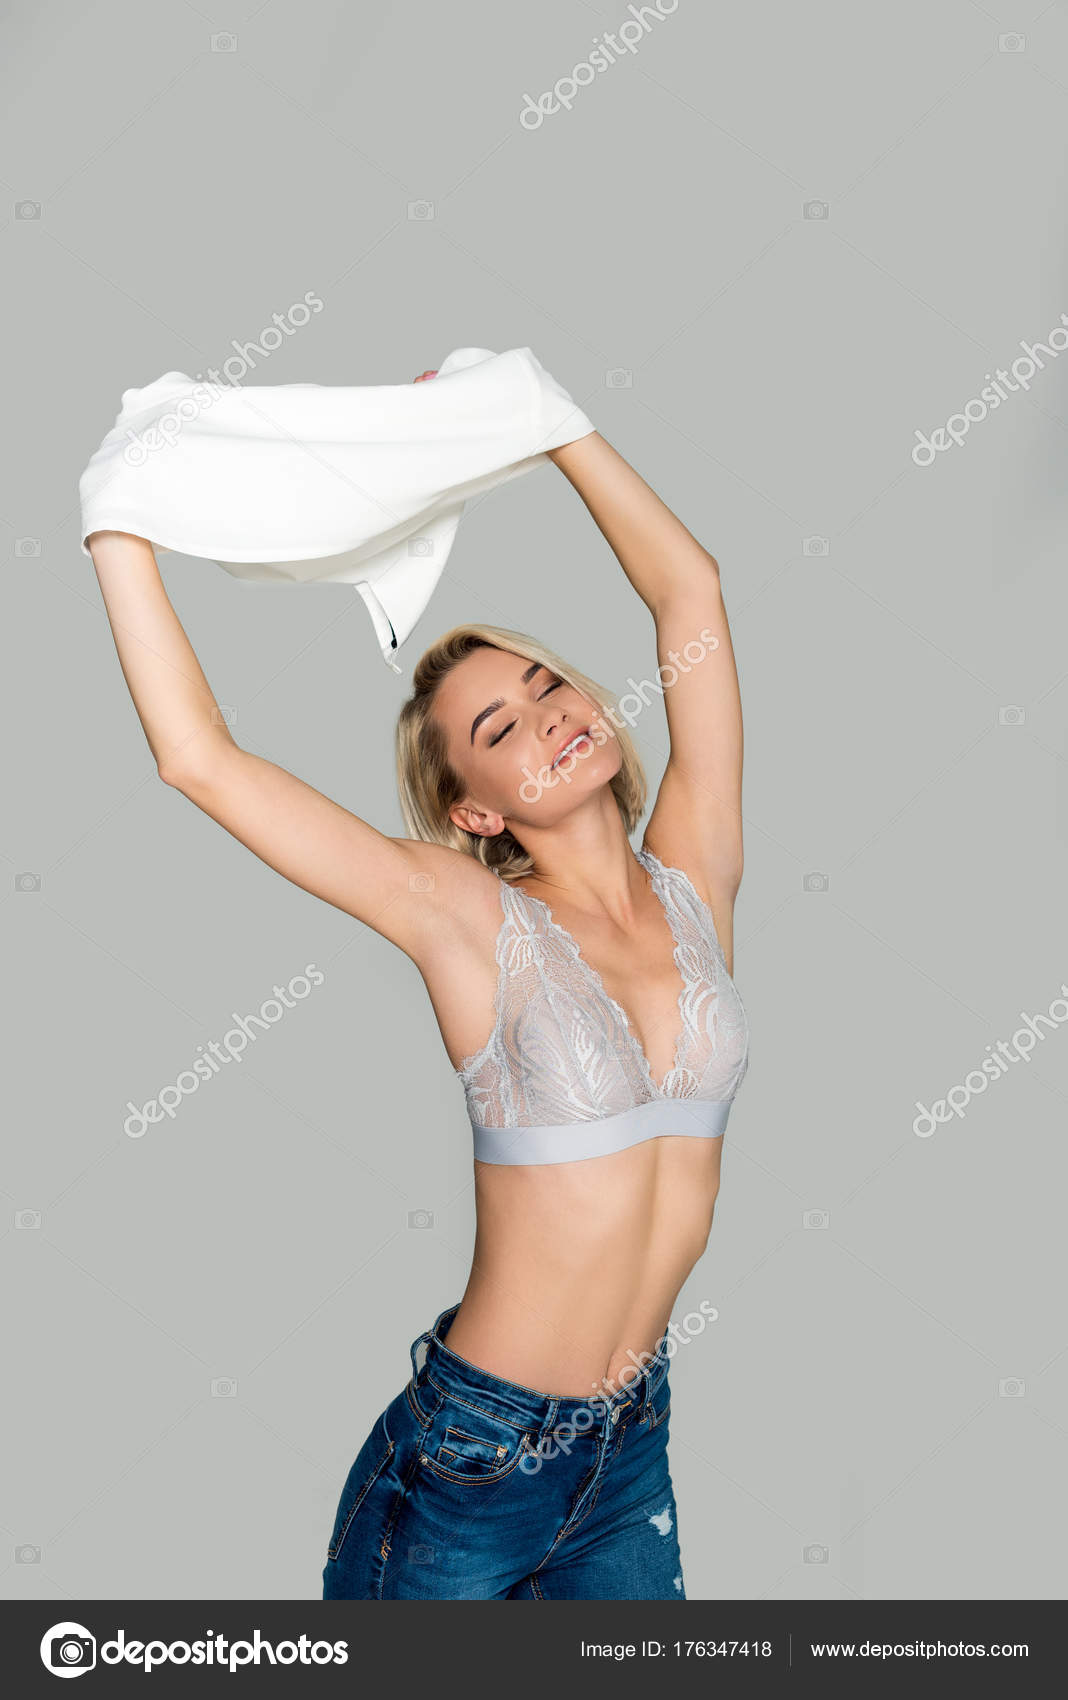 Girl take off shirt and bra